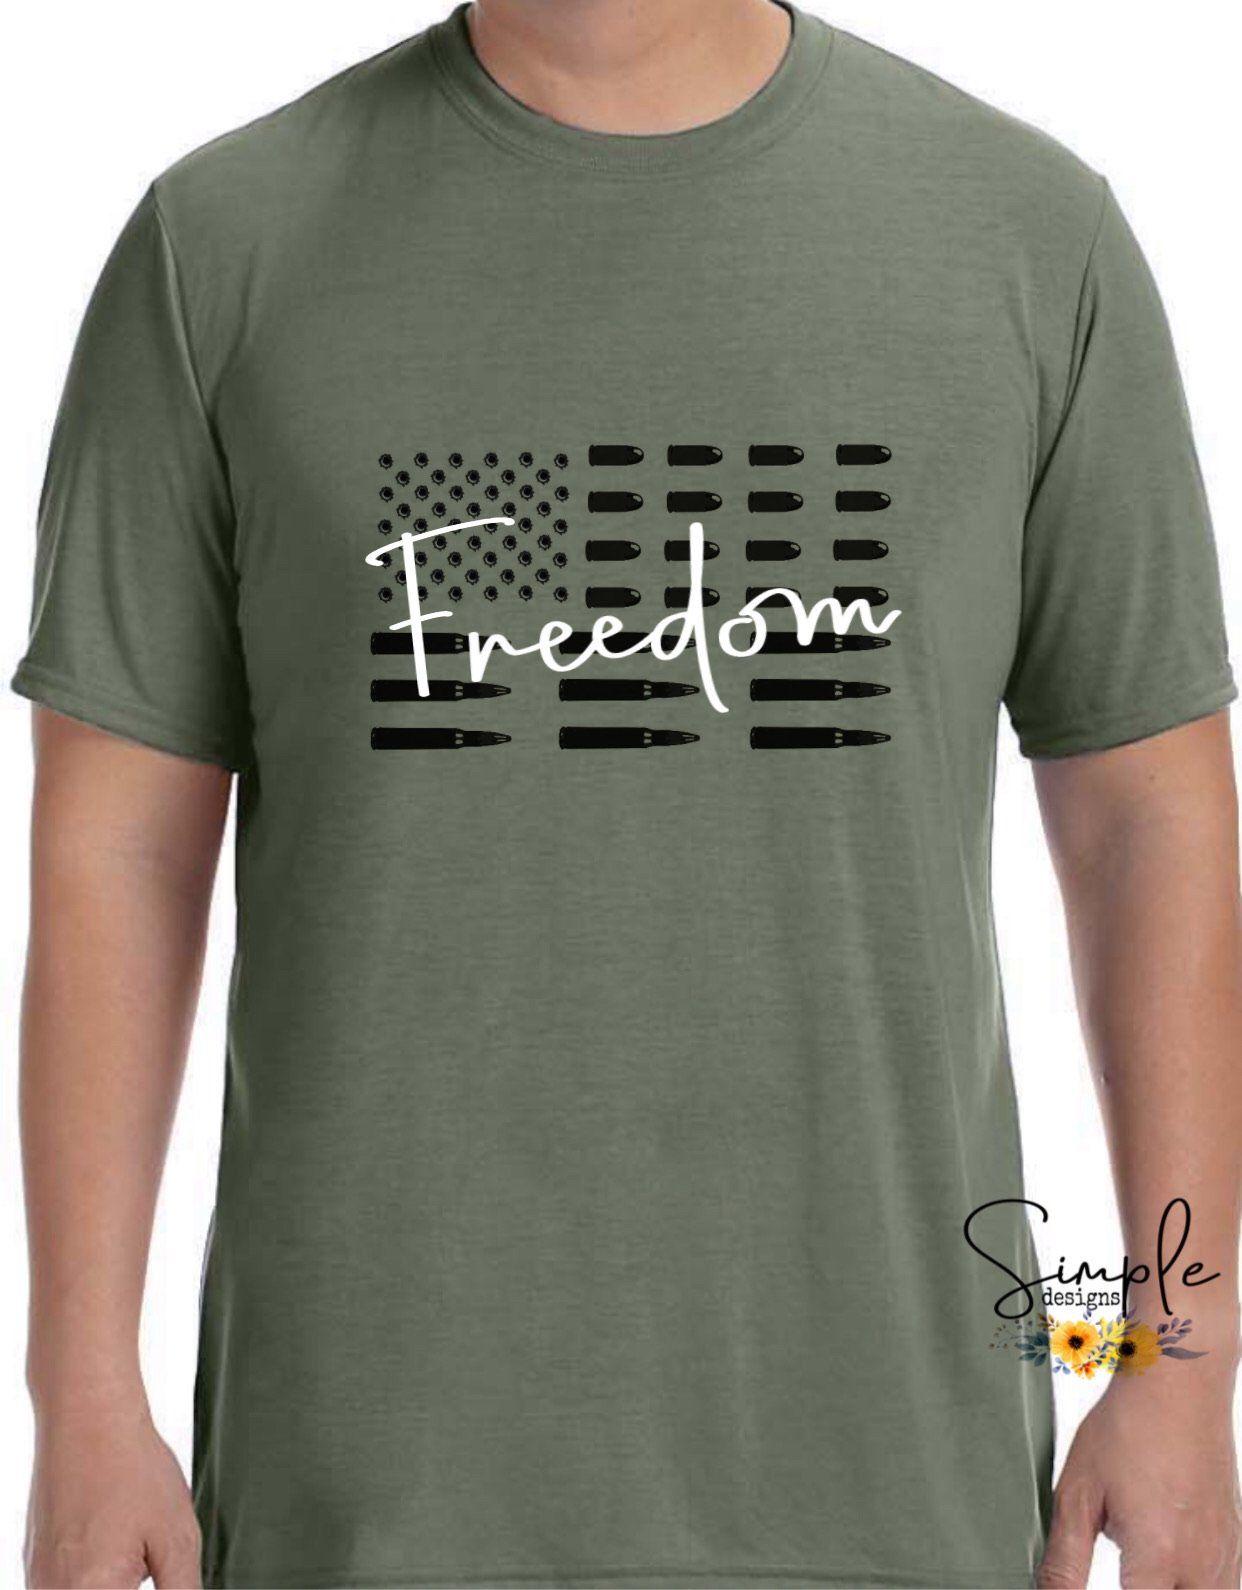 Freedom Tshirt Funny Tee, Custom Shirt - M / White